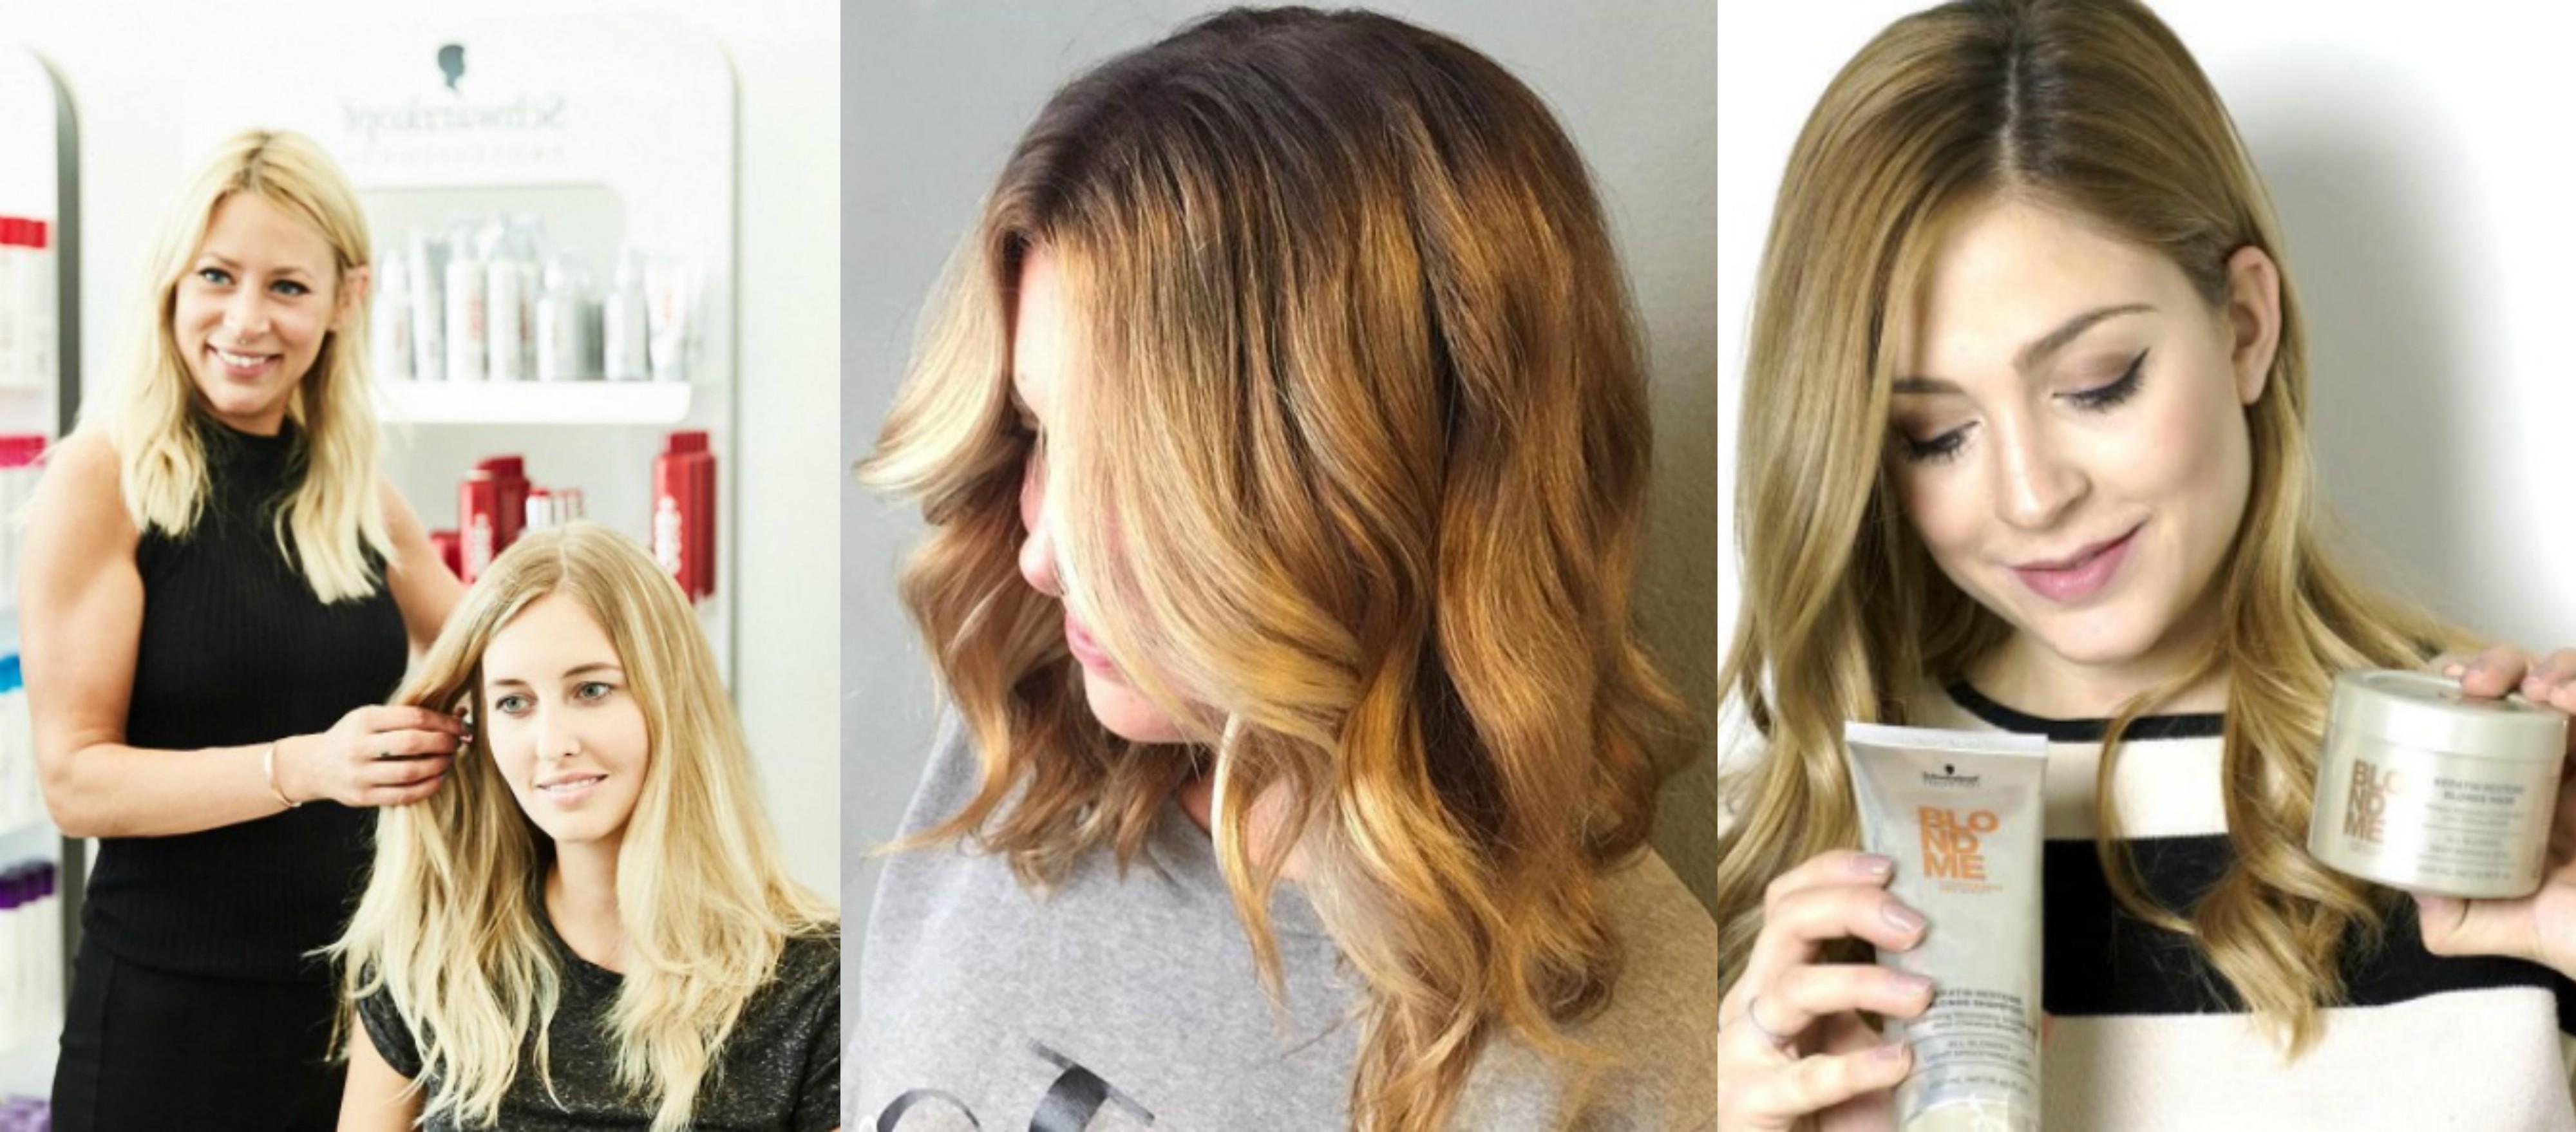 Elégedetlen vagy a hajad állapotával? Többet szeretnél kihozni a frizurádból?<br /> A Total Beauty Center fodrászai segítségével most megtudhatod: milyen hajápolásra van szükséged és milyen terméket válassz, hogy szalonszépségű frizurával büszkélkedhess minden nap. <br />